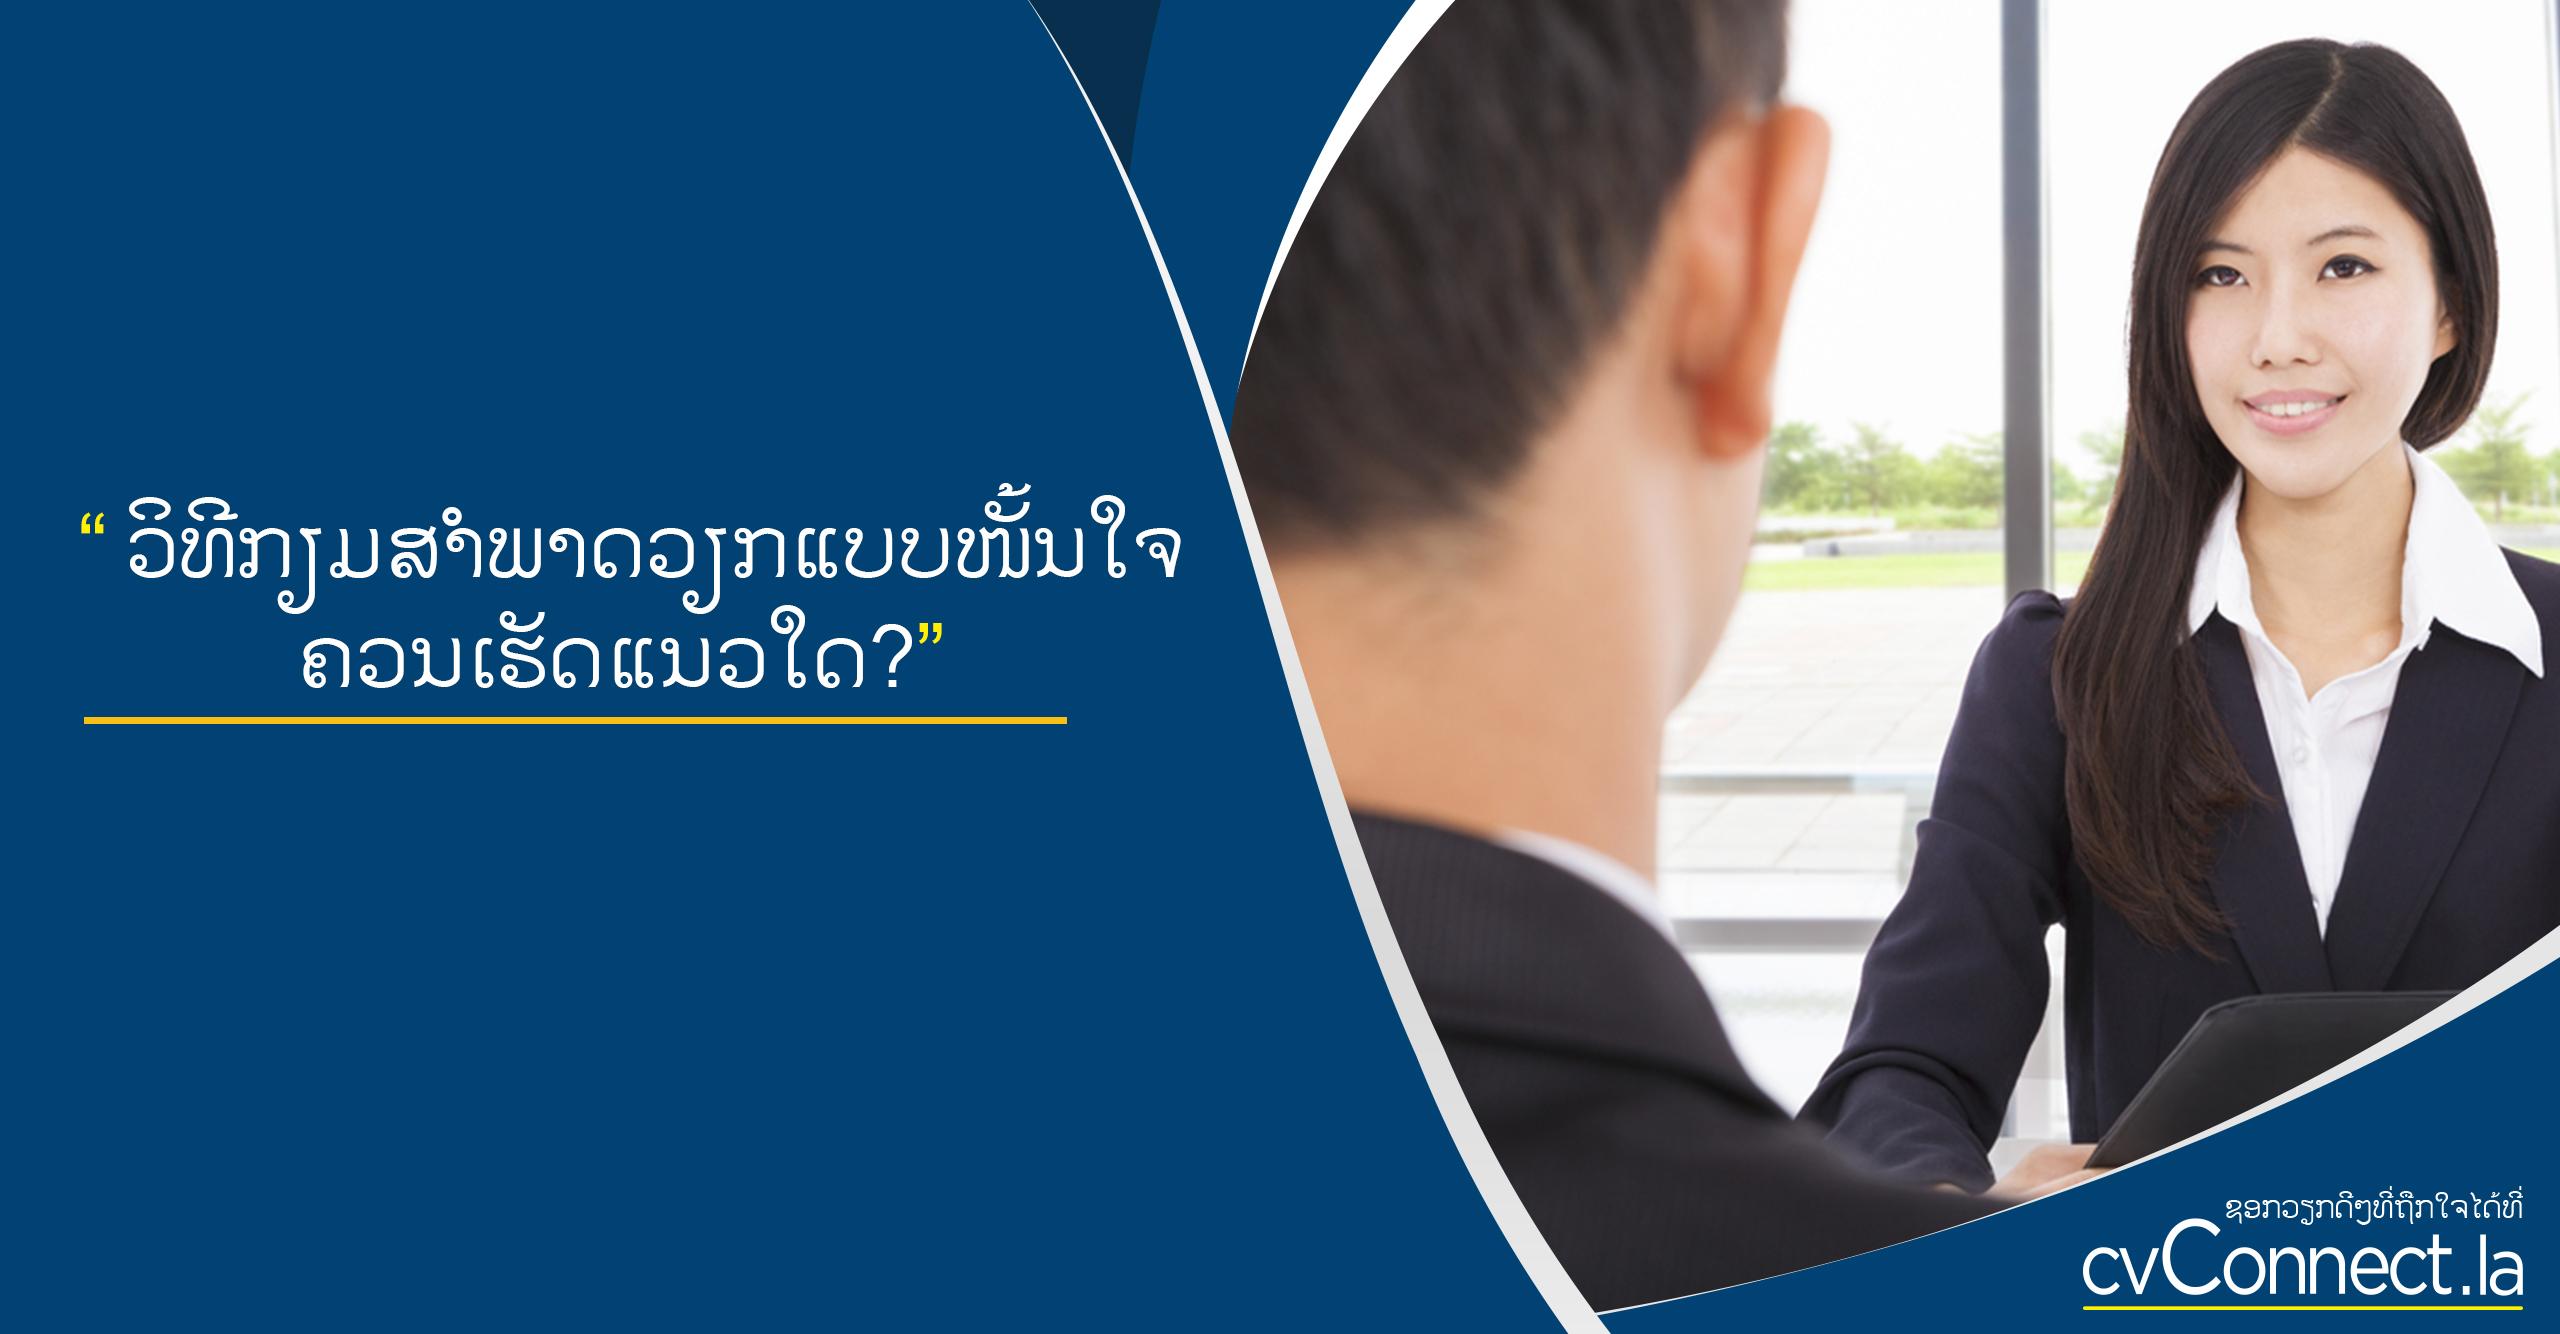 ວິທີກຽມສຳພາດວຽກແບບໜັ້ນໃຈຄວນເຮັດແນວໃດ? - cvConnect Find Jobs in Laos